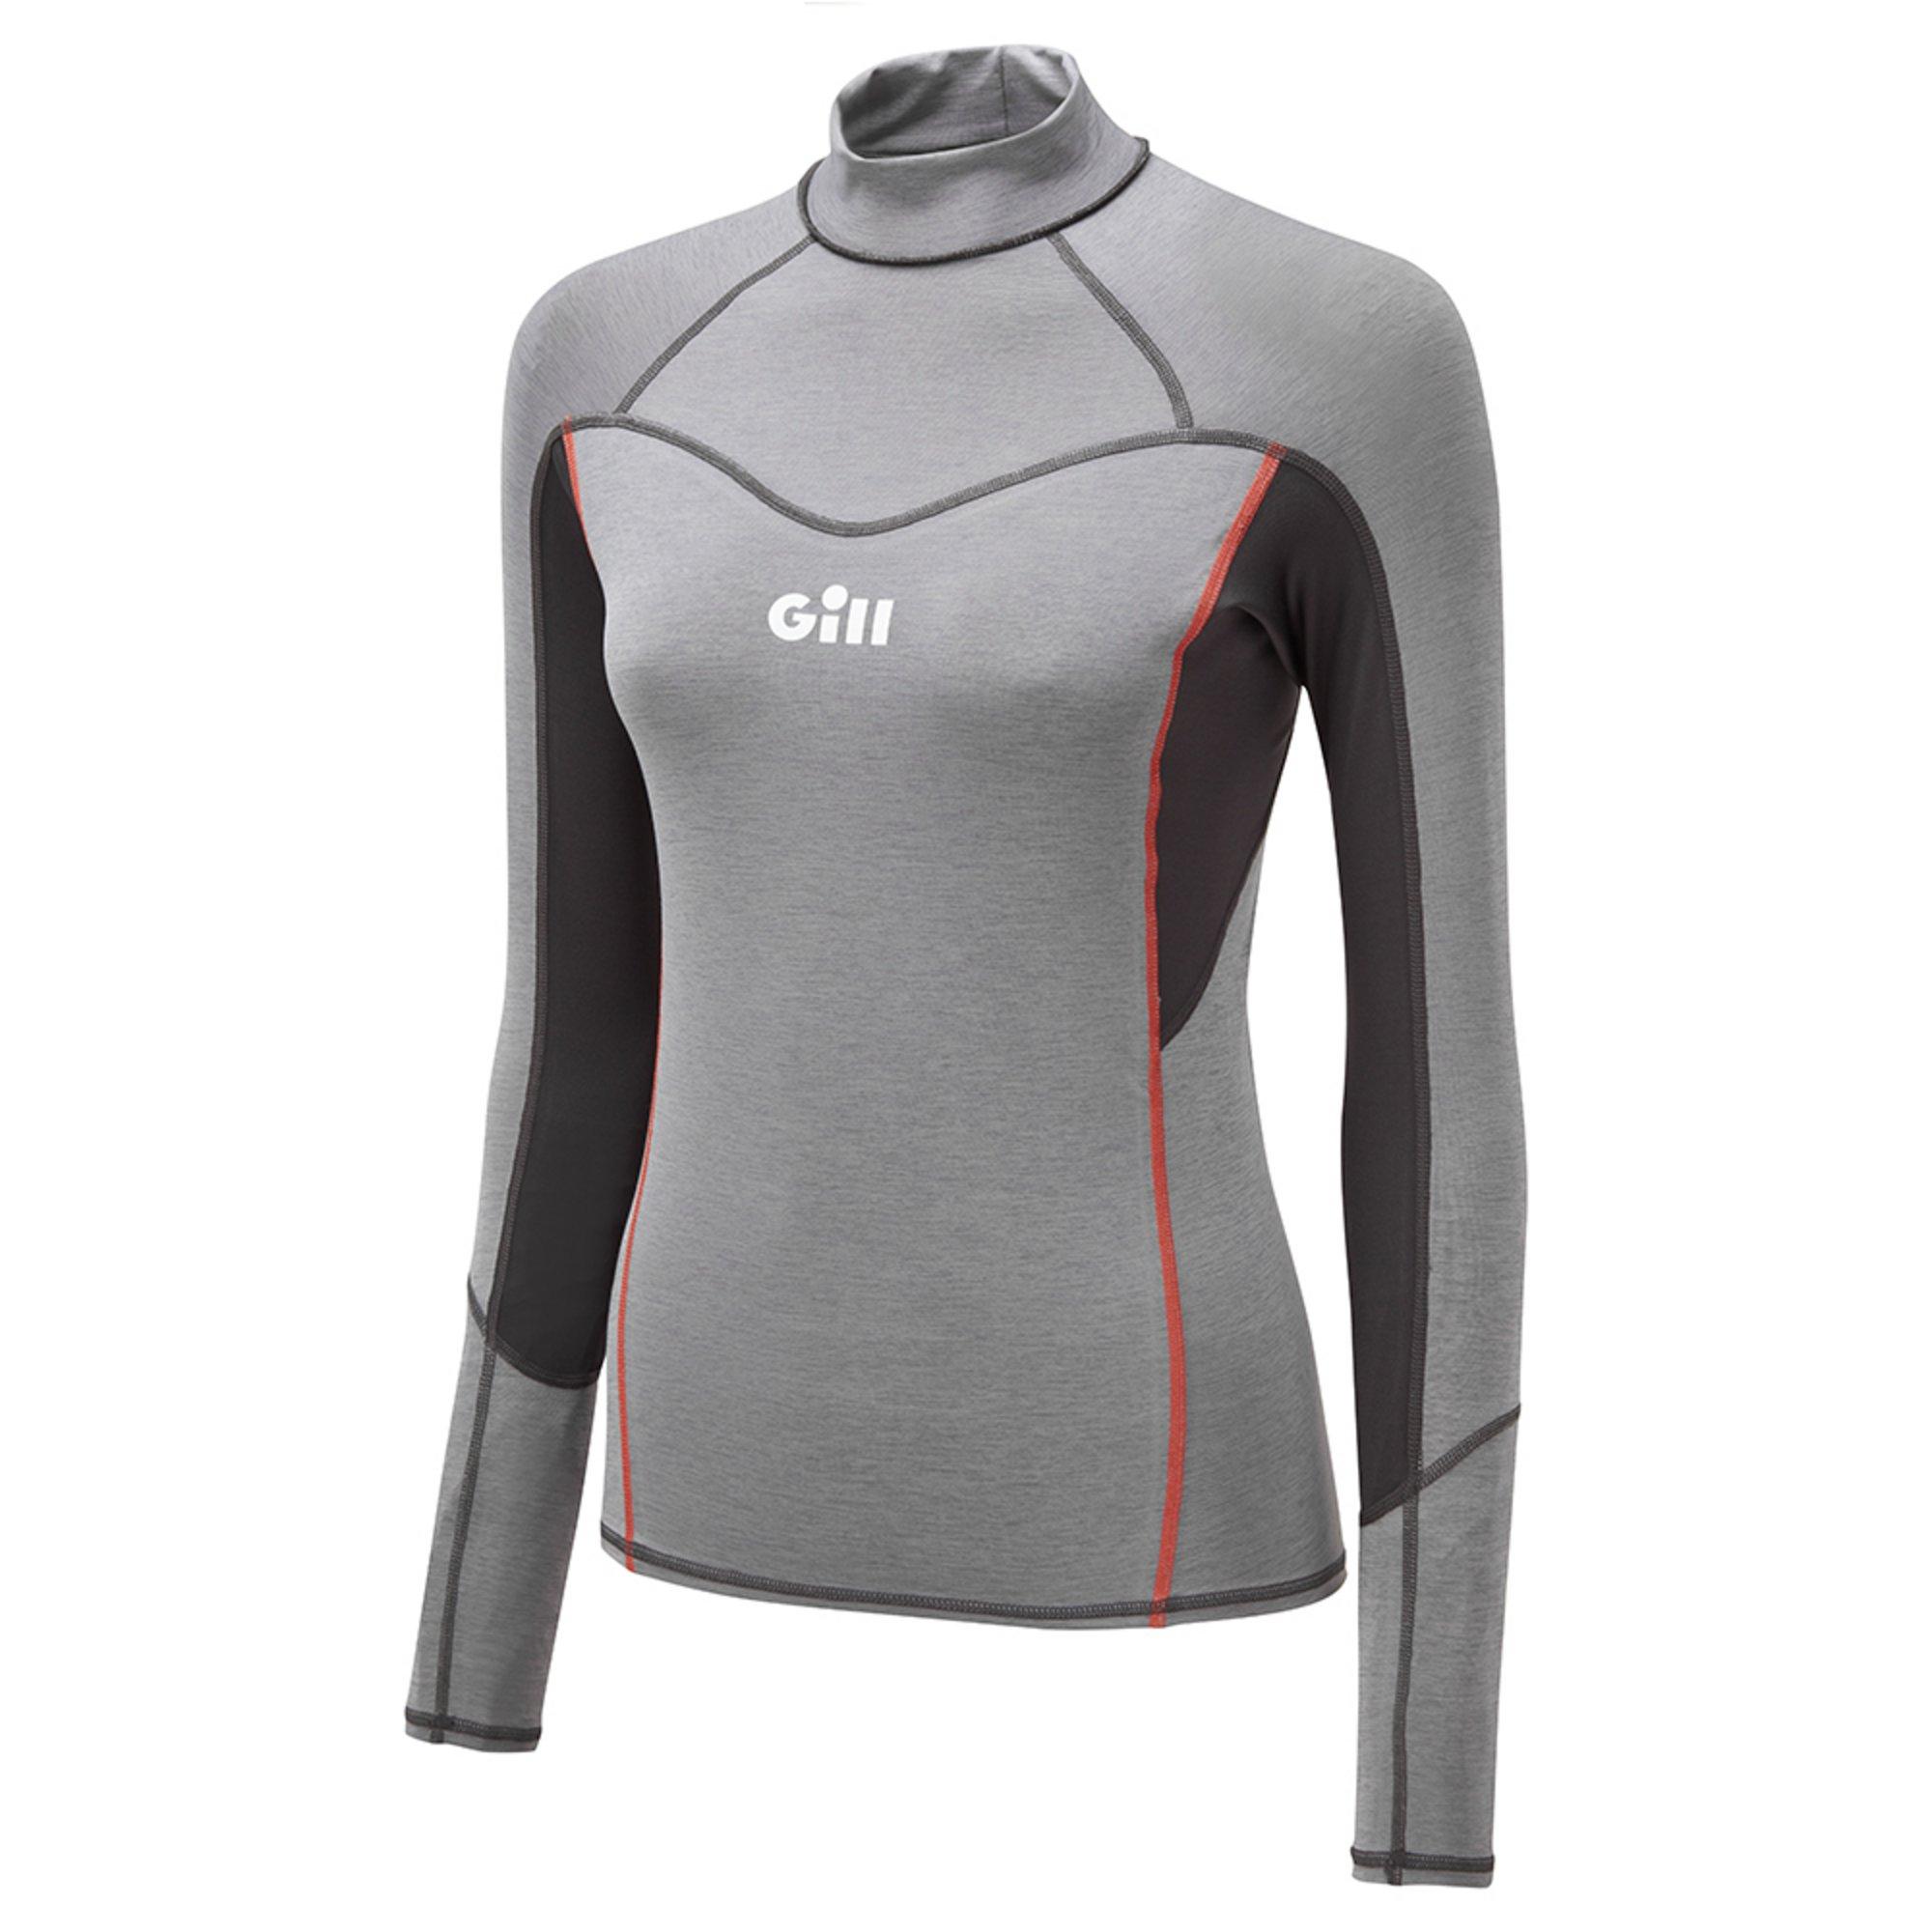 Women's Eco Pro Rash Vest Long Sleeve - 5025W-GRE18_3.jpg